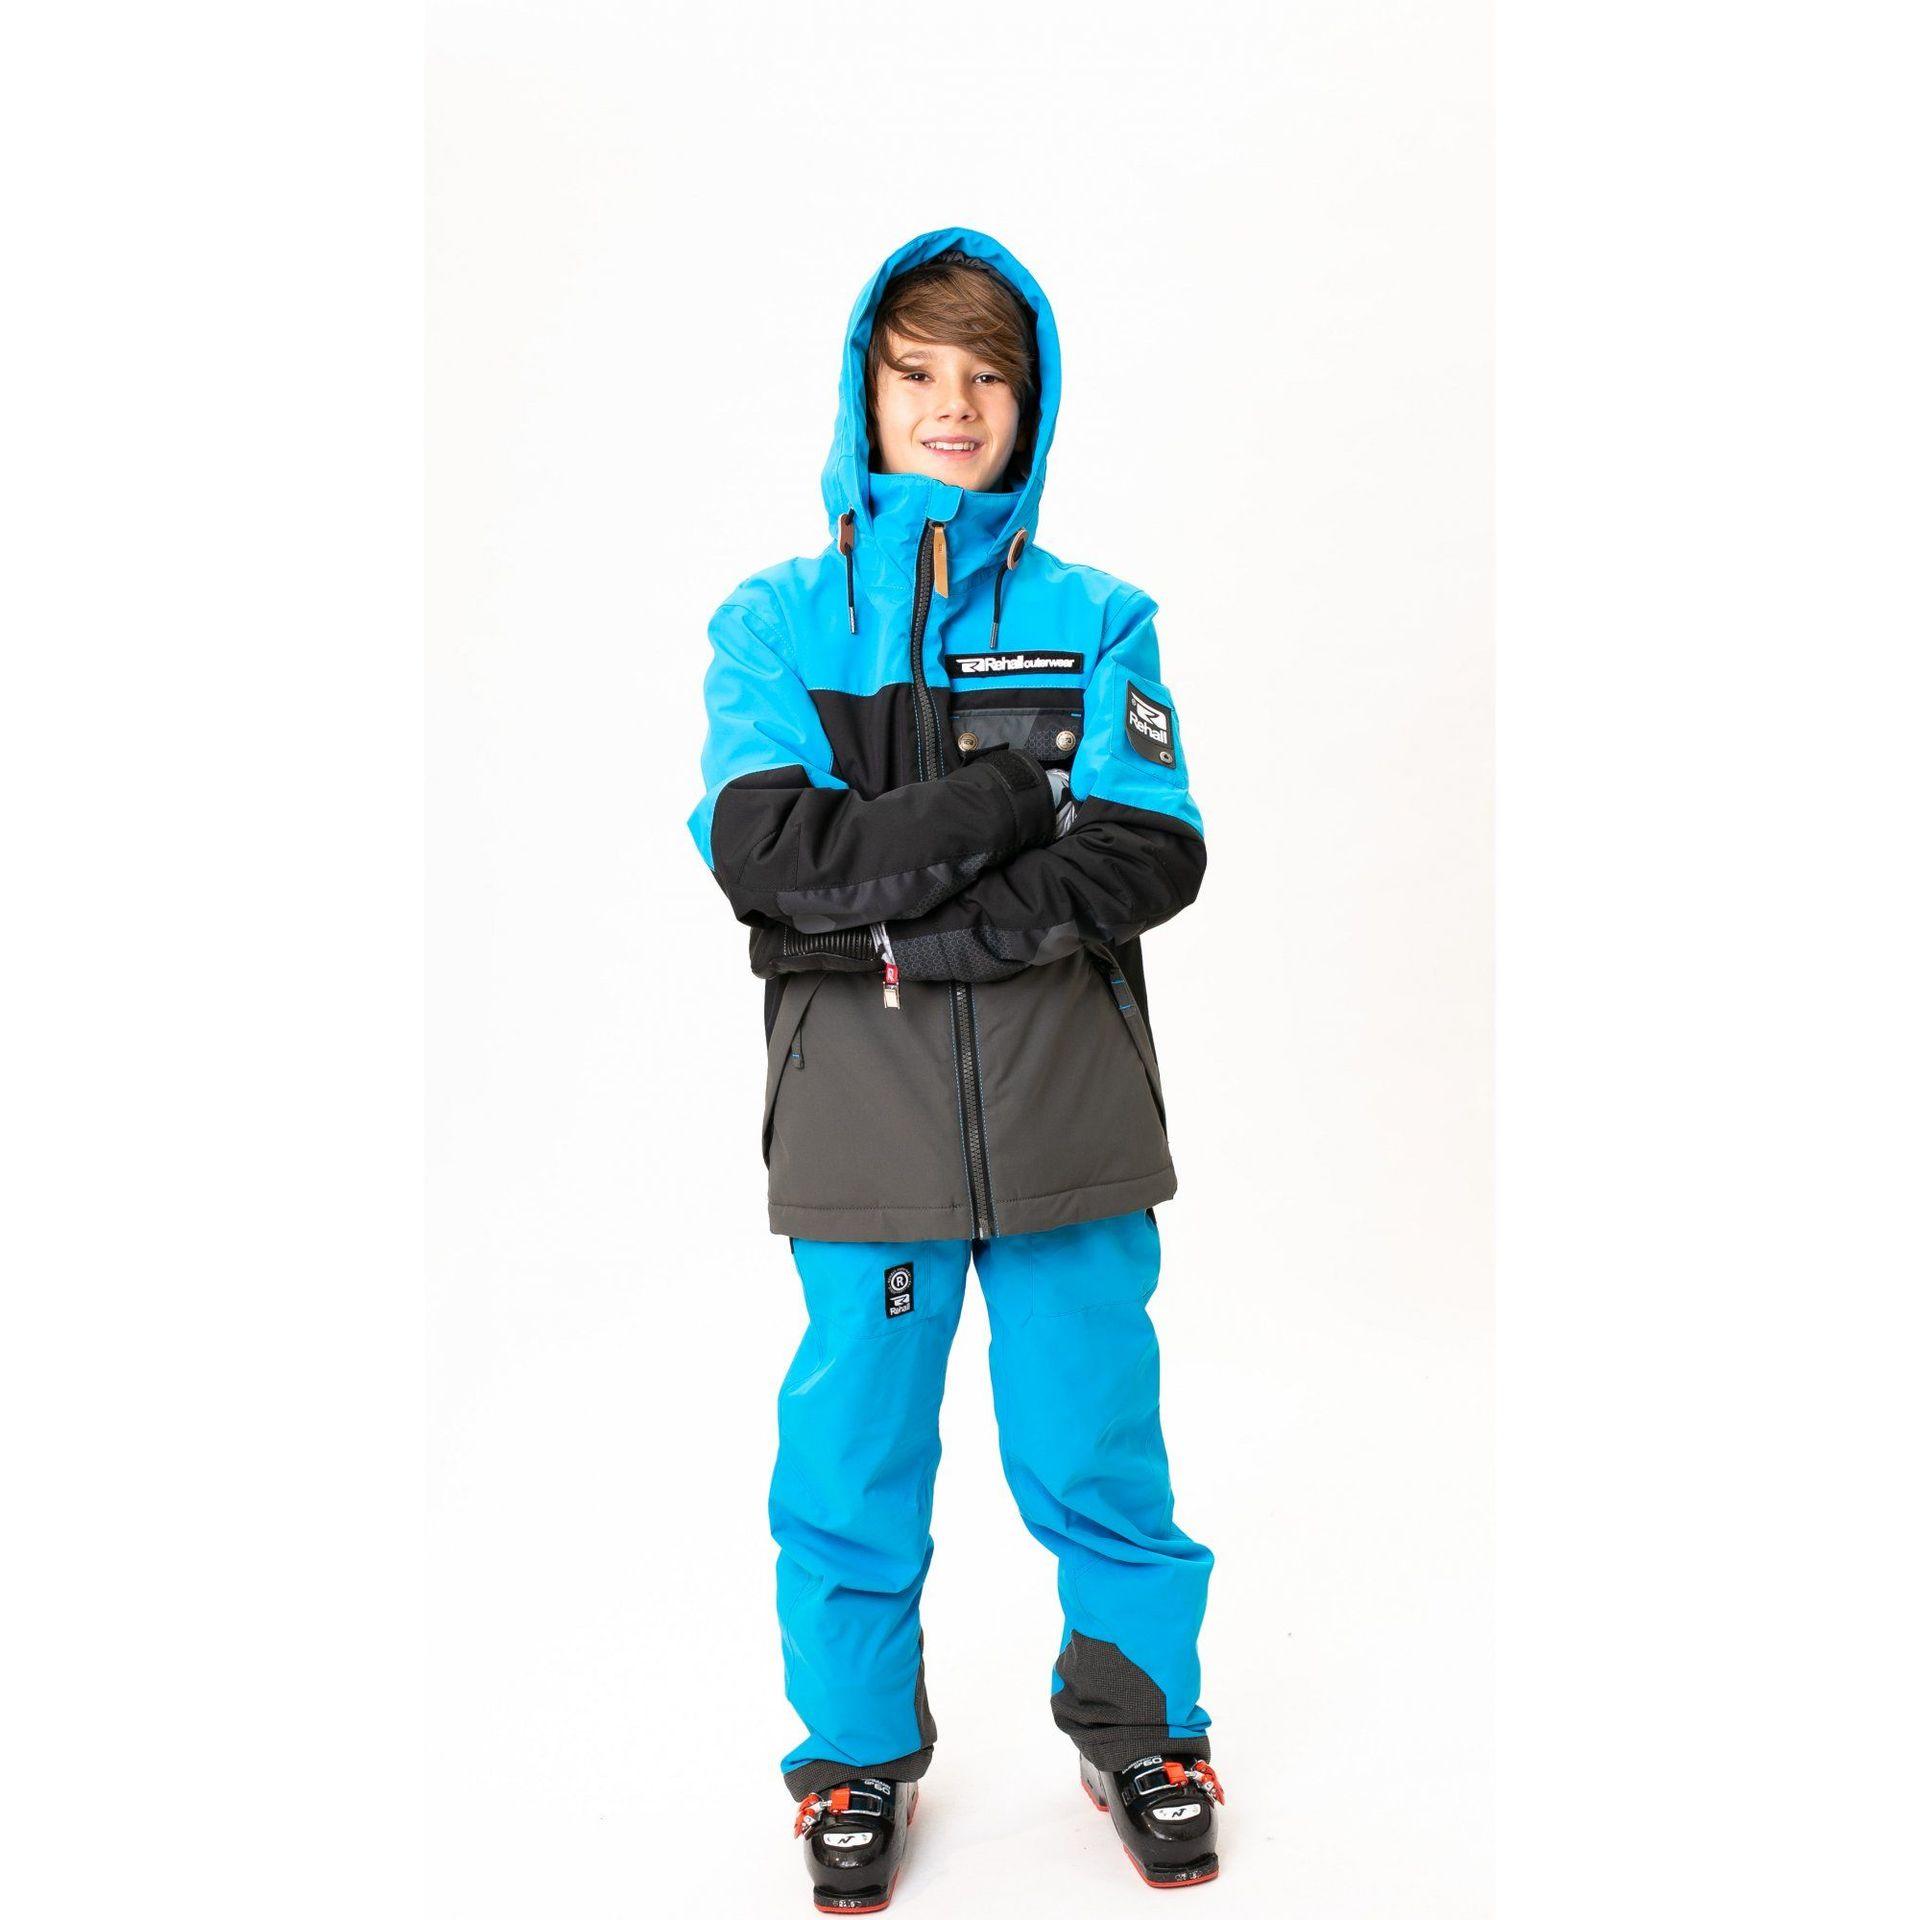 KURTKA REHALL VAILL-R-JR 50790 ULTRA BLUE 5